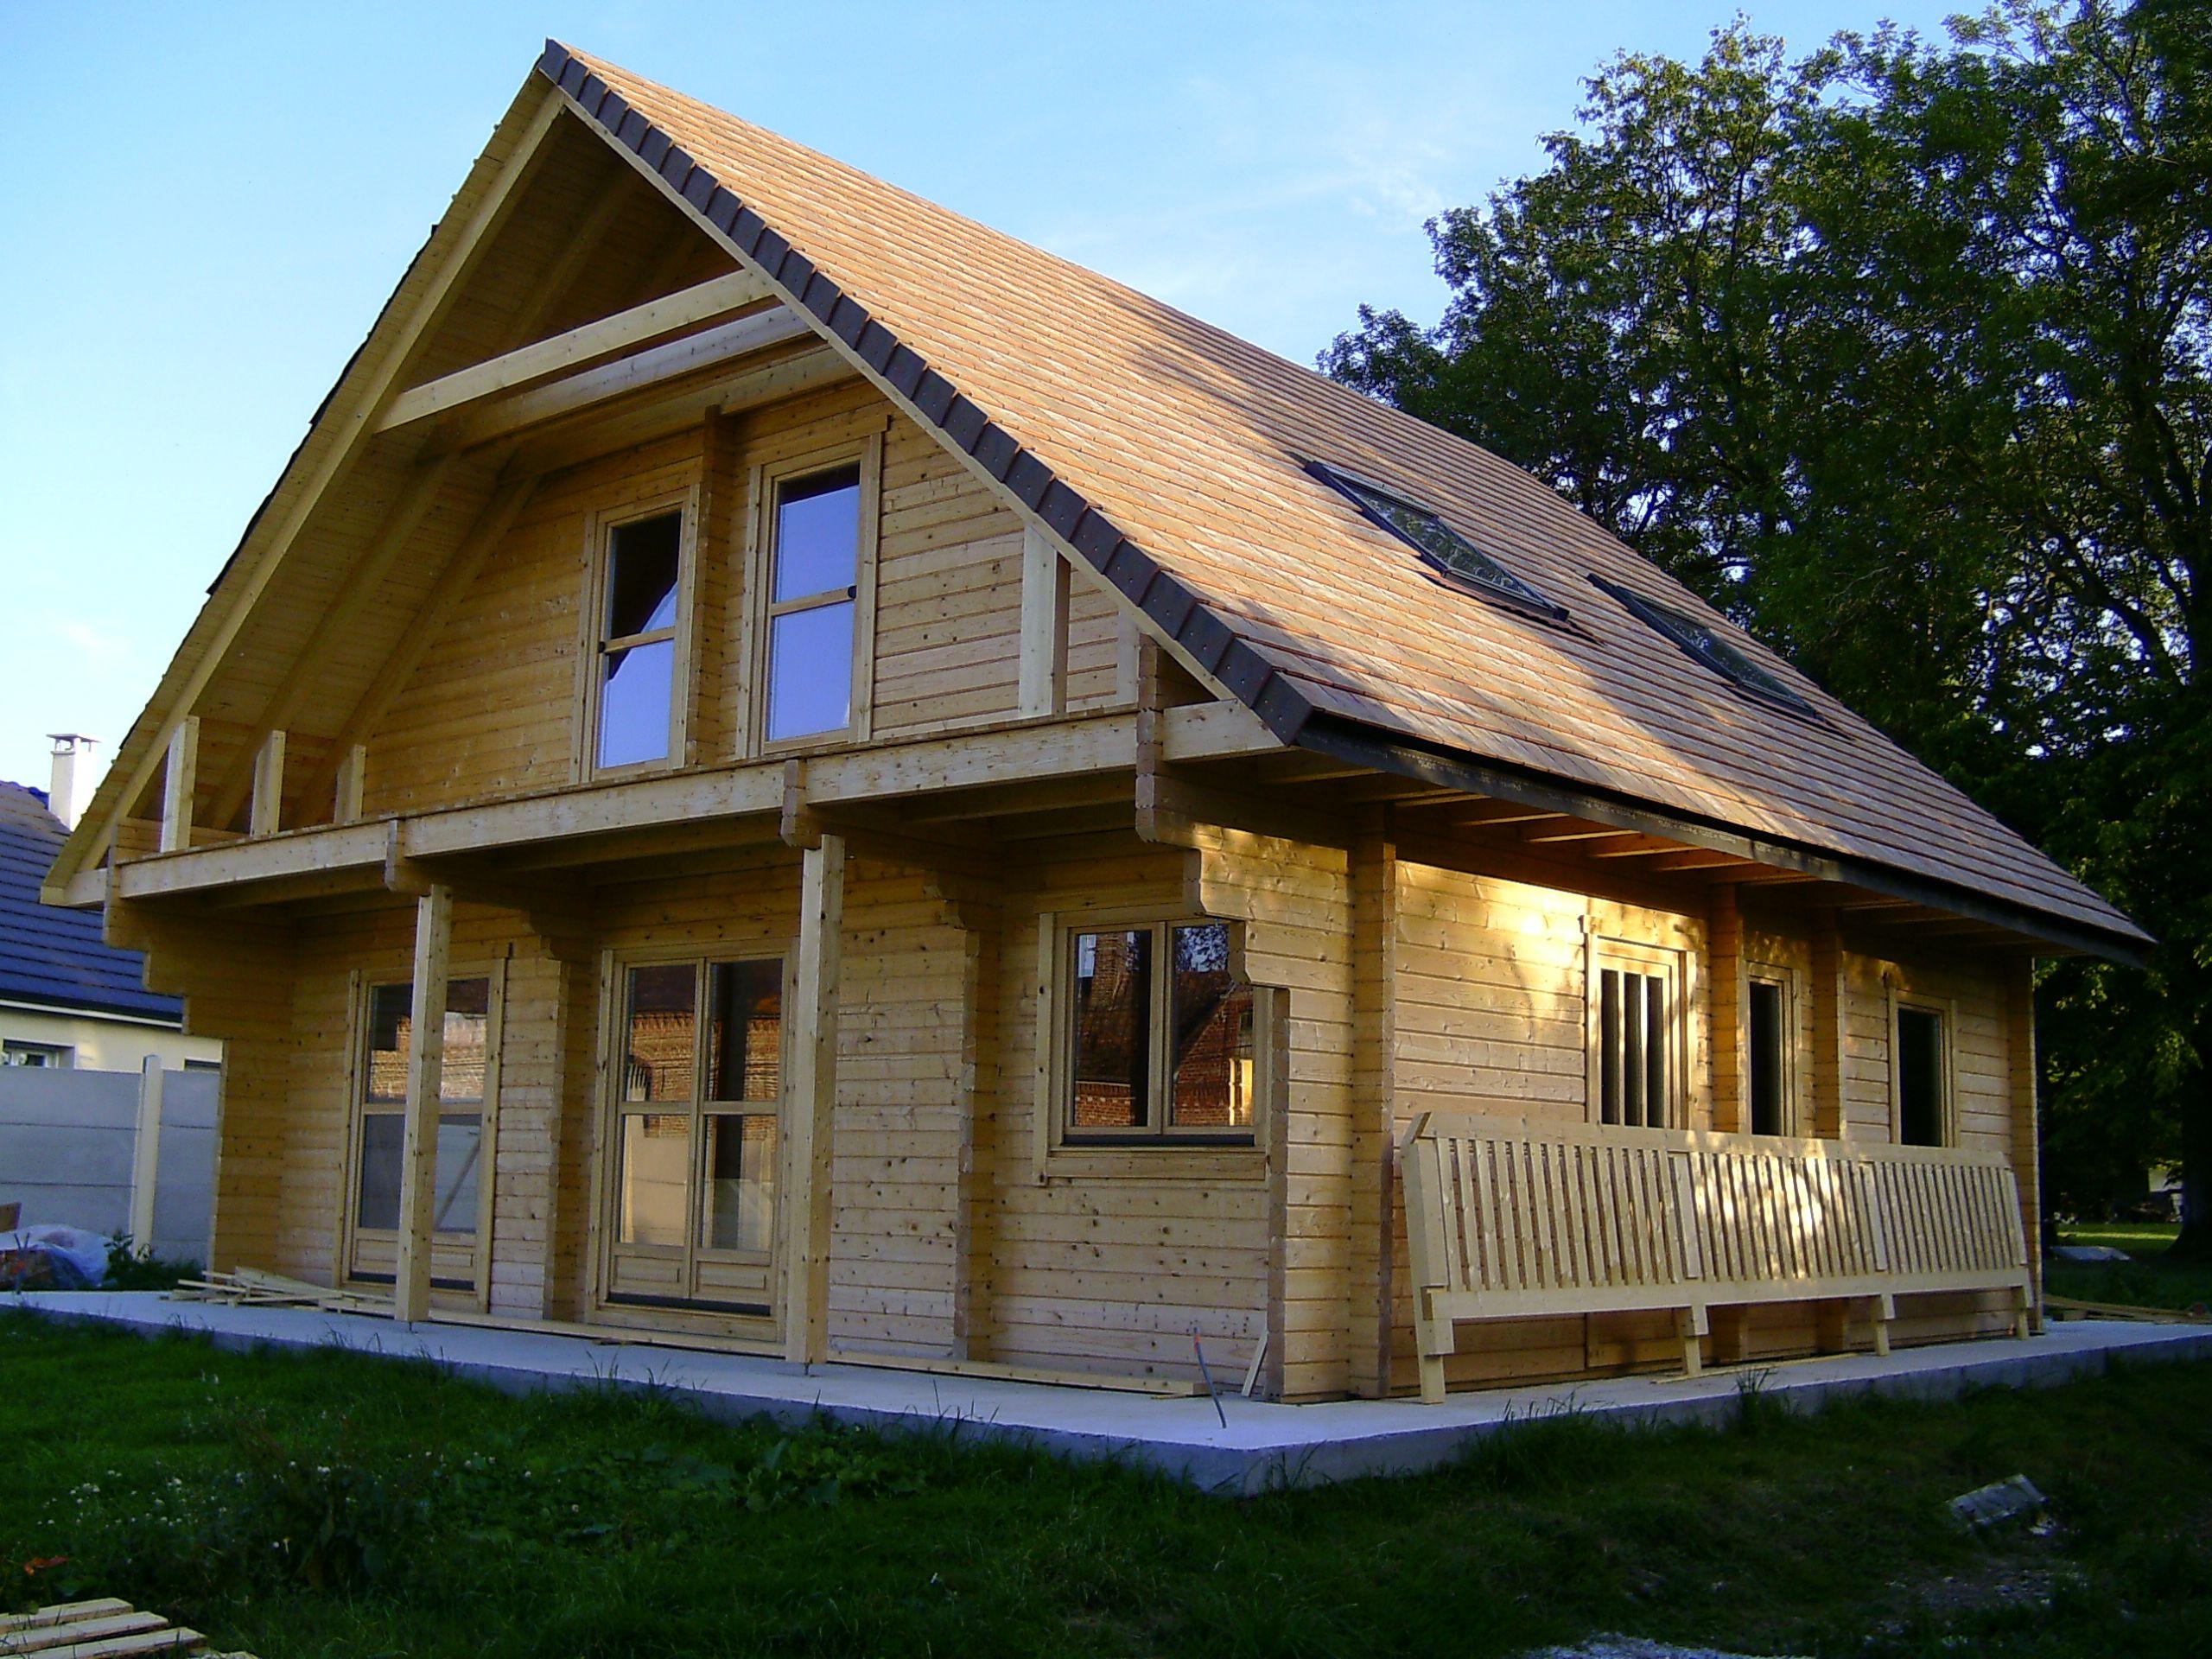 Skandinavien skan votre maison en bois